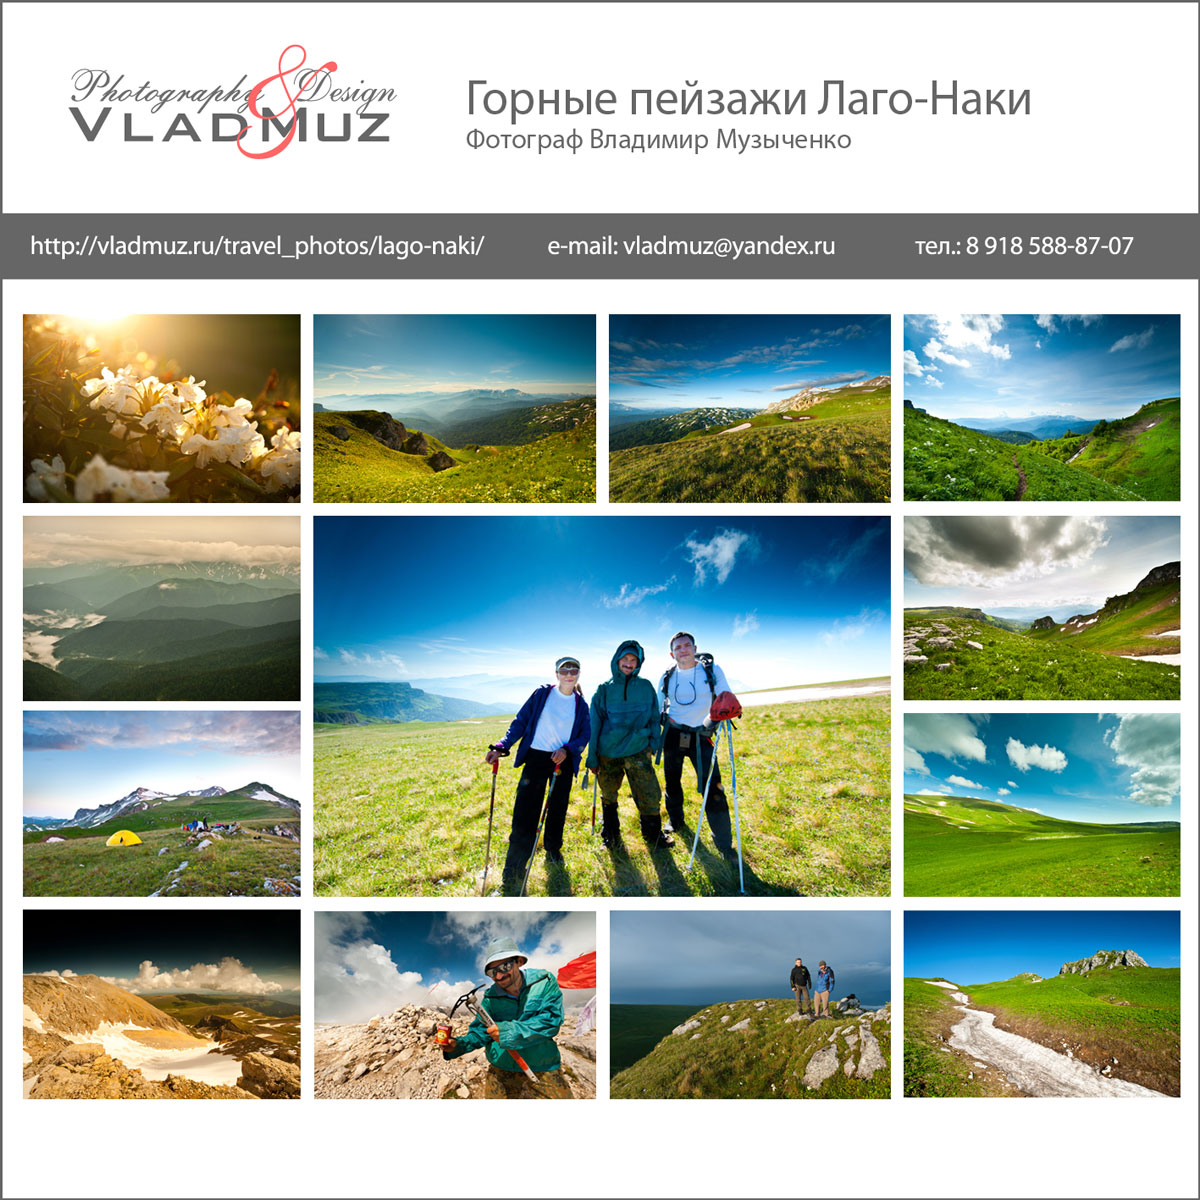 DVD-диски с красивой обложкой с пейзажными фото